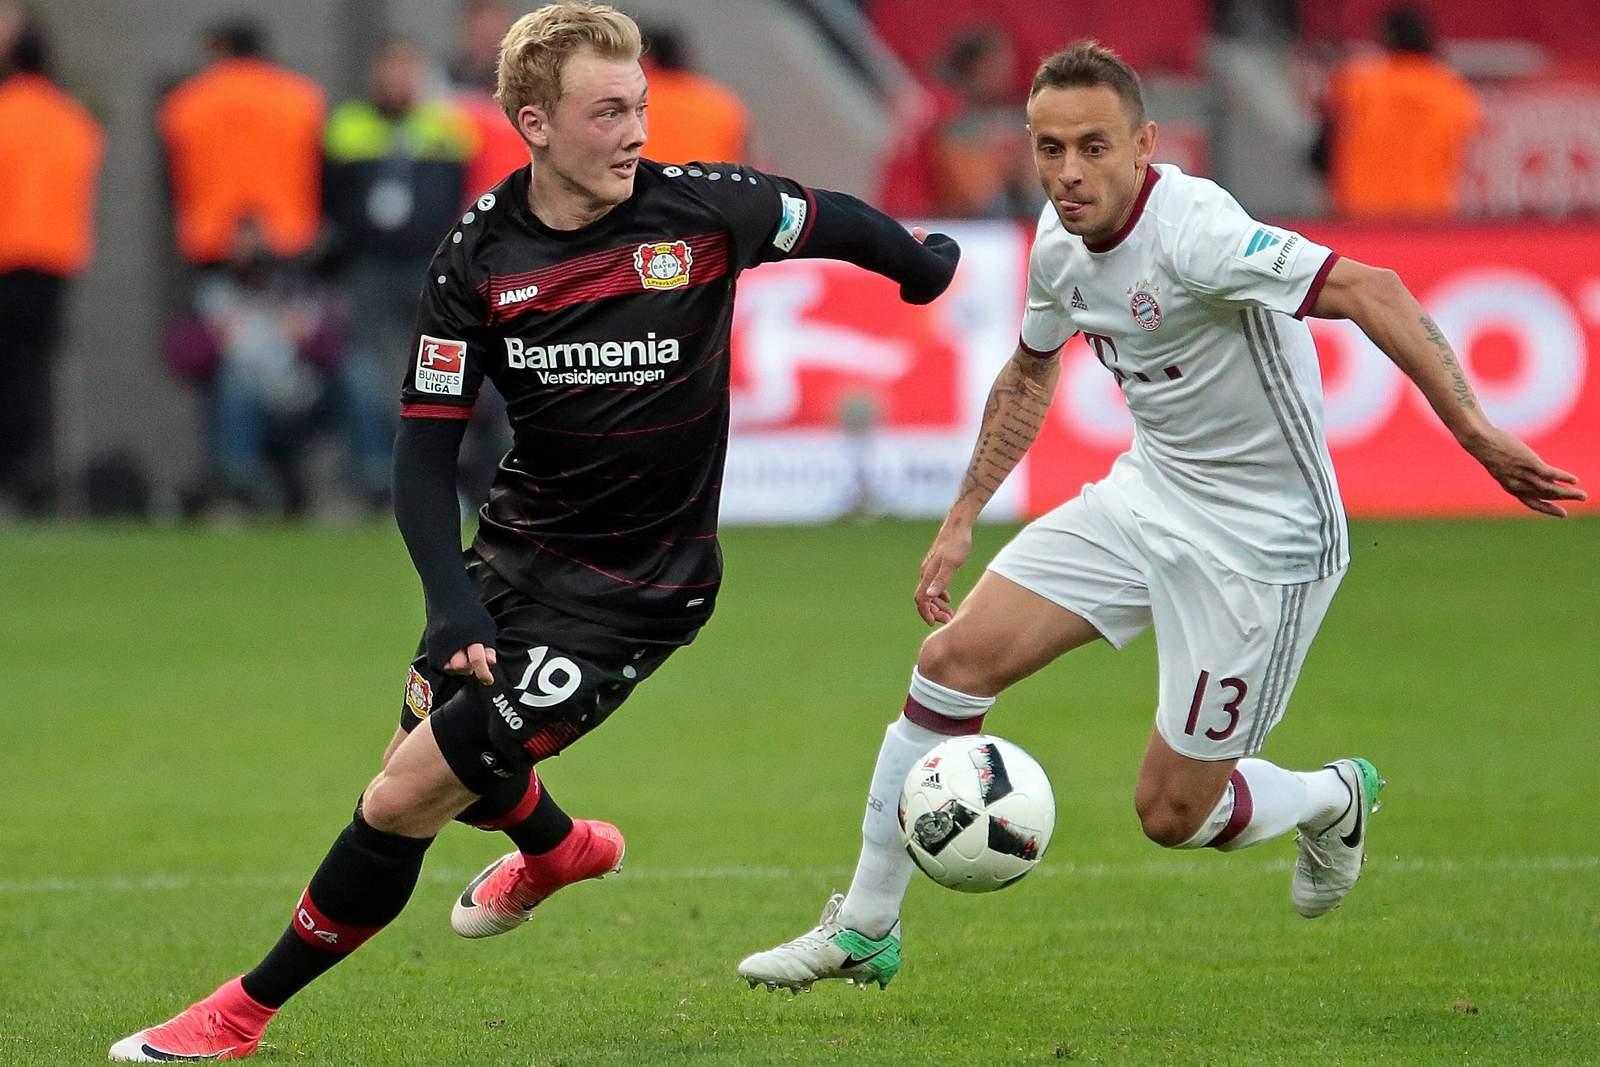 Setzt sich Brandt gegen Rafinha durch? Jetzt auf Leverkusen gegen Bayern wetten